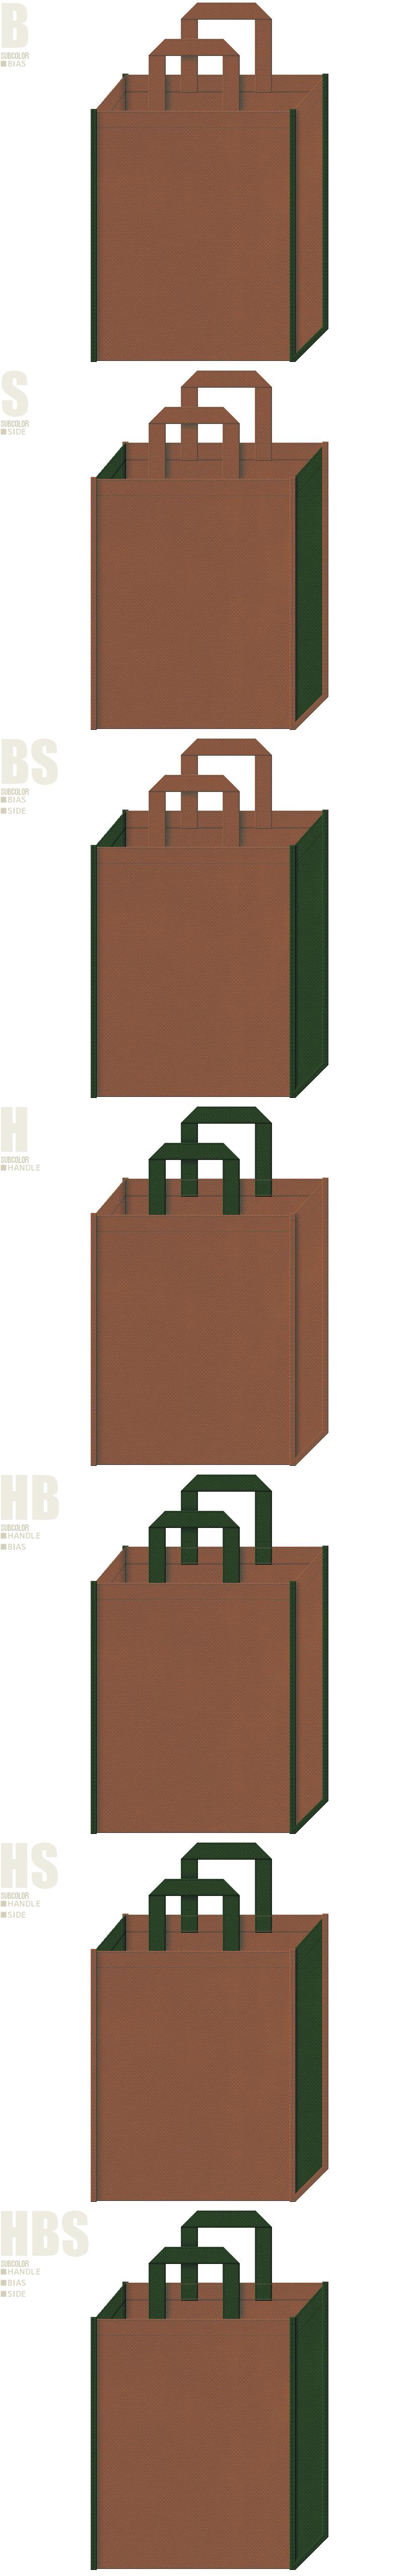 キャンプ用品・テーマーパーク・ゲームのバッグノベルティにお奨めです。茶色と濃緑色、7パターンの不織布トートバッグ配色デザイン例。ジャングル・恐竜のイメージ。